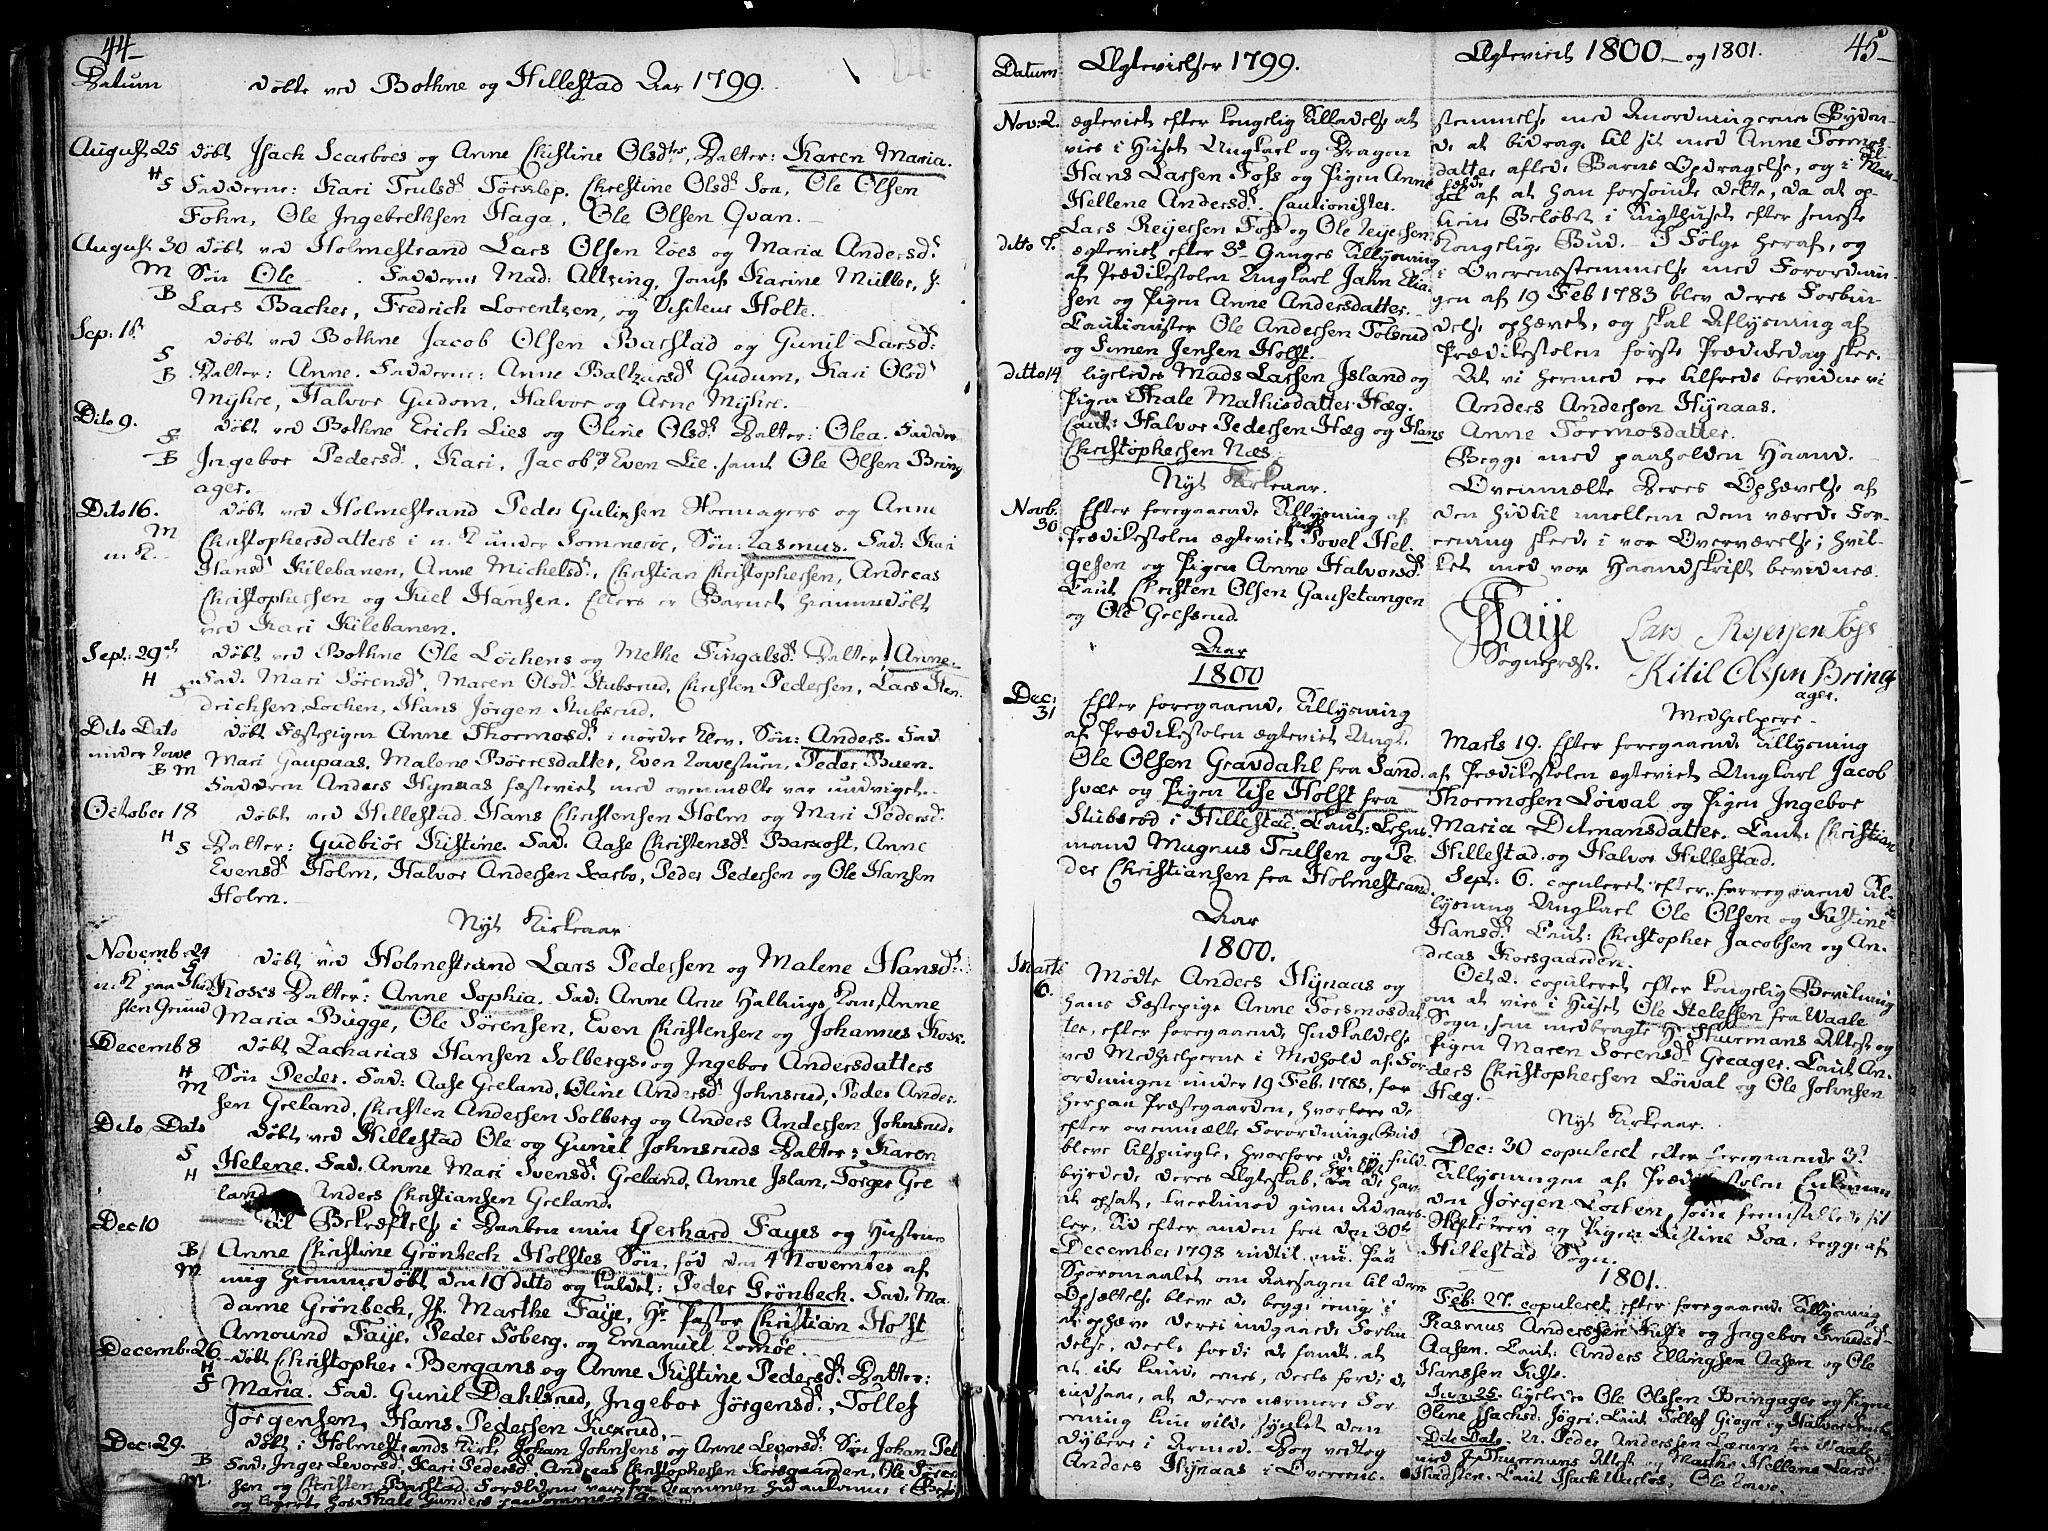 SAKO, Botne kirkebøker, F/Fa/L0003: Ministerialbok nr. I 3 /1, 1792-1844, s. 44-45